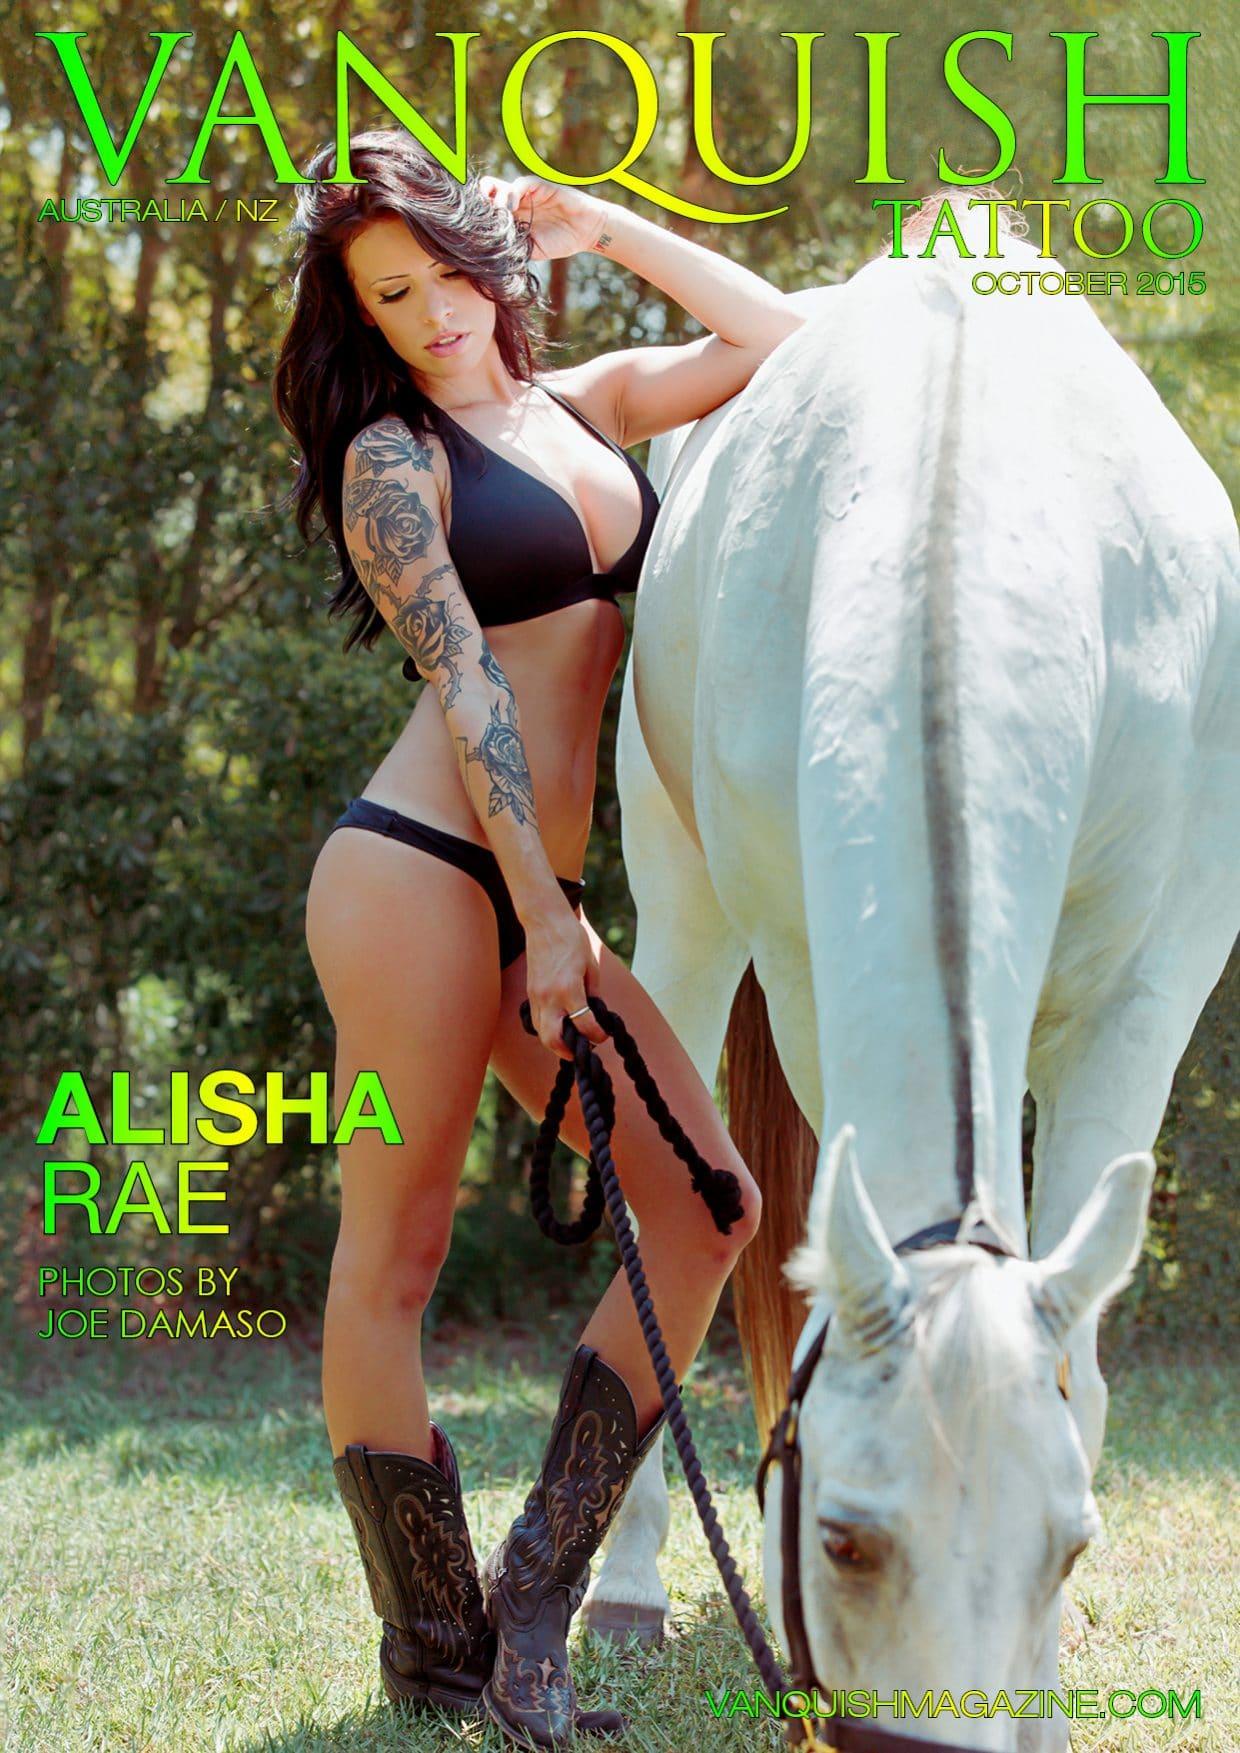 Vanquish Tattoo Magazine – October 2015 – Alisha Rae